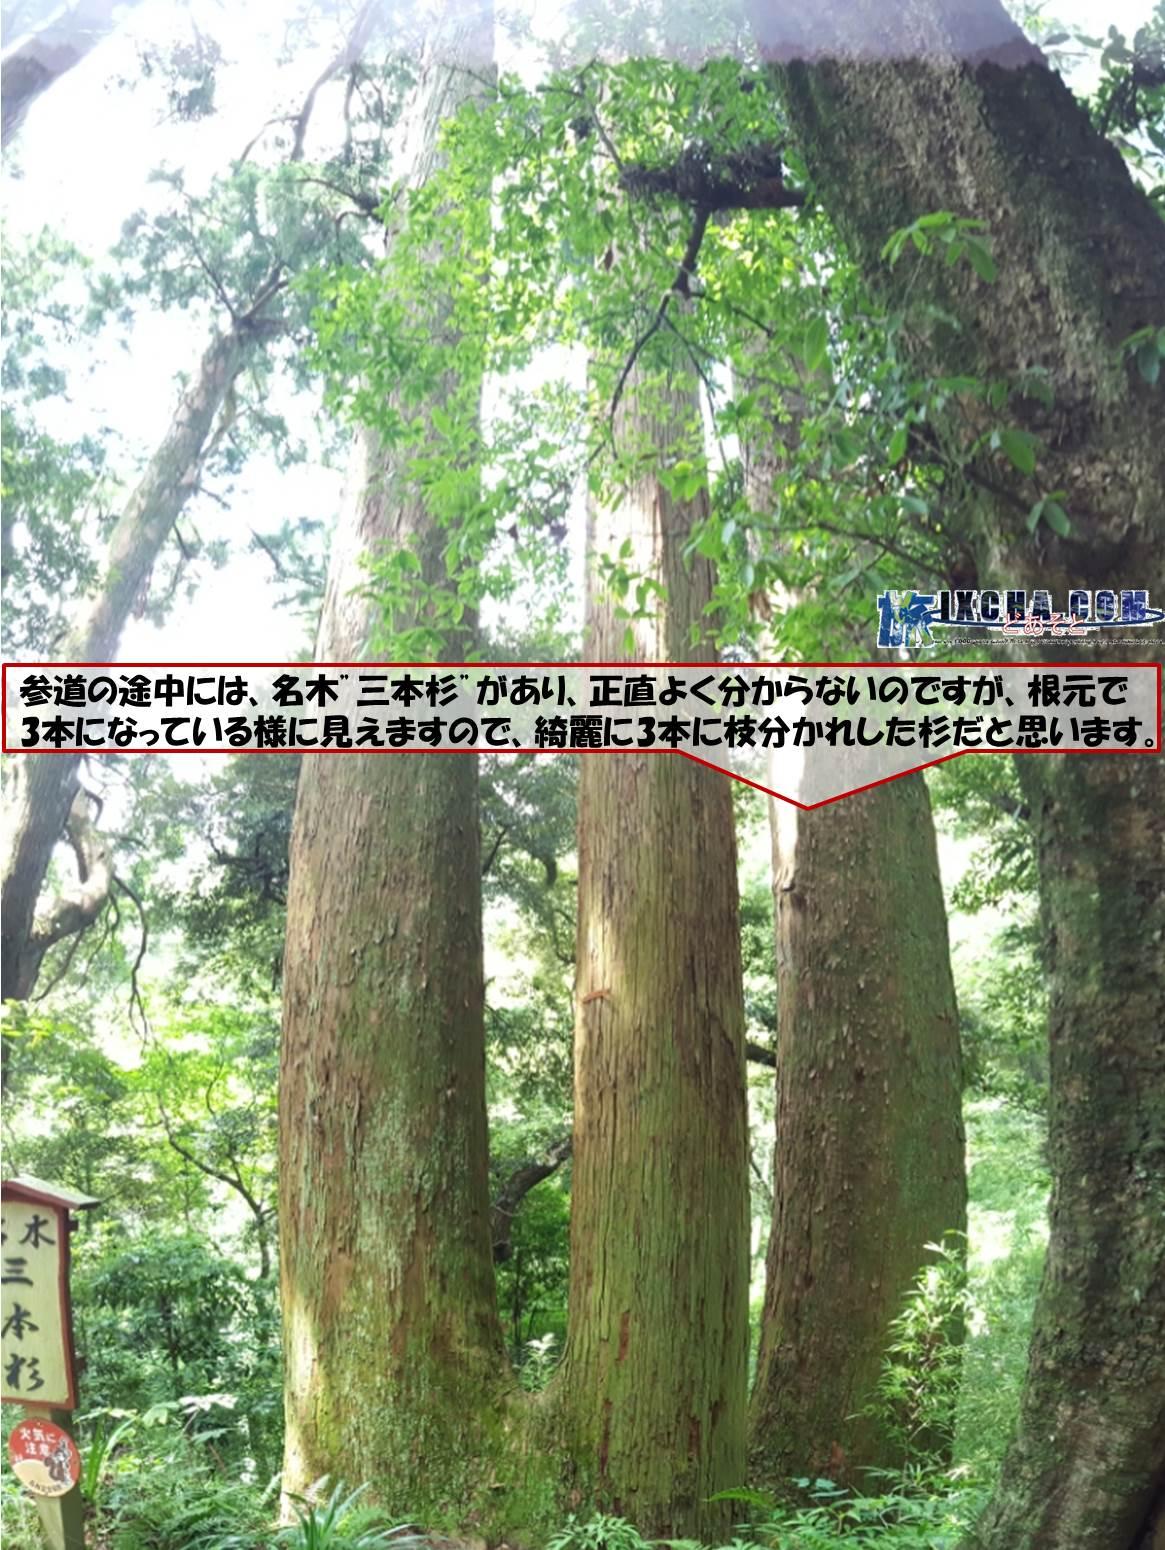 """参道の途中には、名木""""三本杉""""があり、正直よく分からないのですが、根元で3本になっている様に見えますので、綺麗に3本に枝分かれした杉だと思います。"""